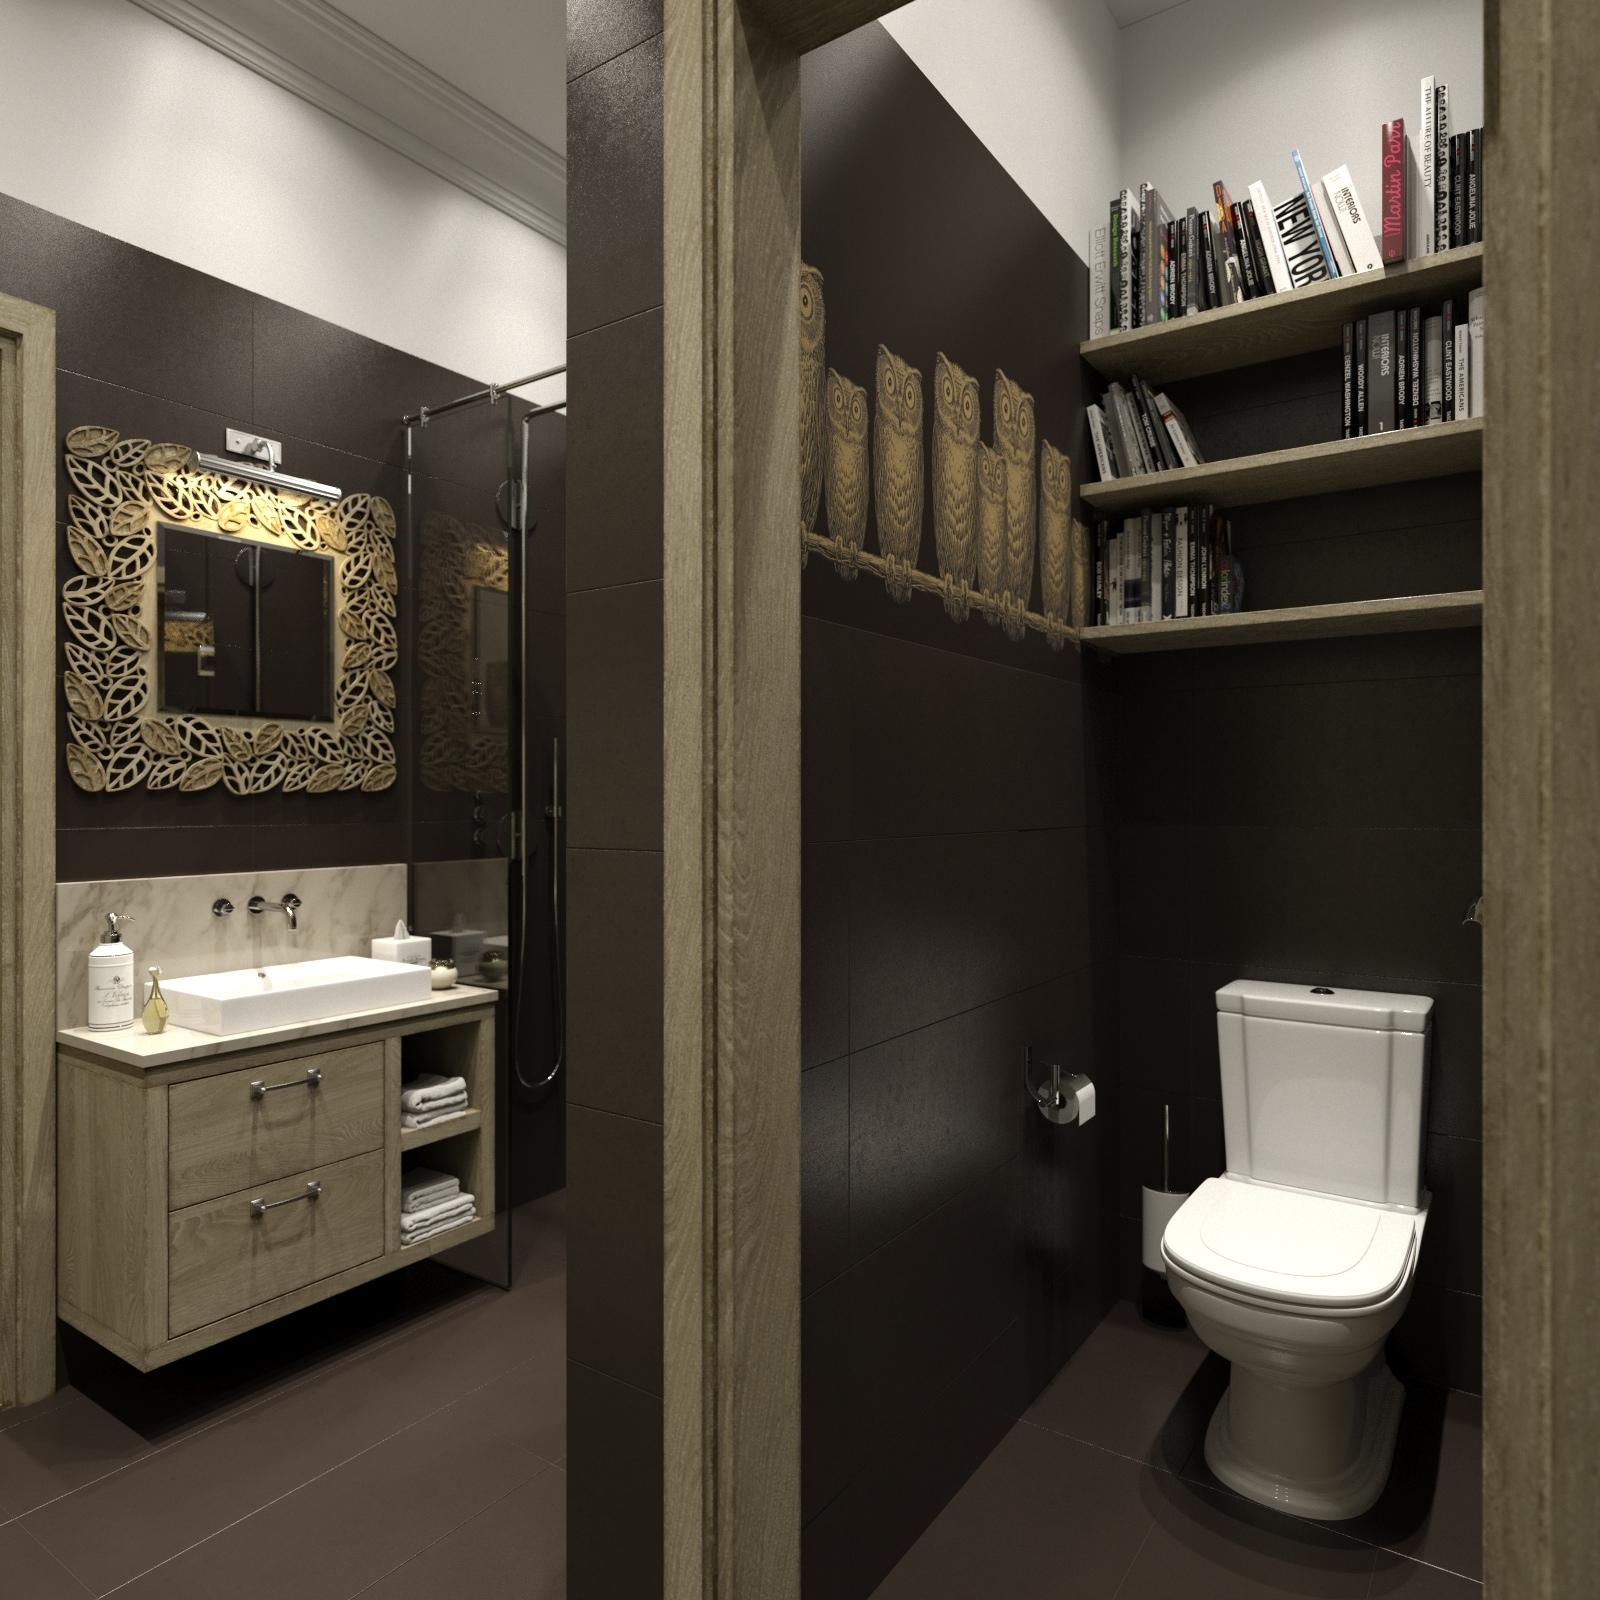 homey feeling room designs. Black Bedroom Furniture Sets. Home Design Ideas